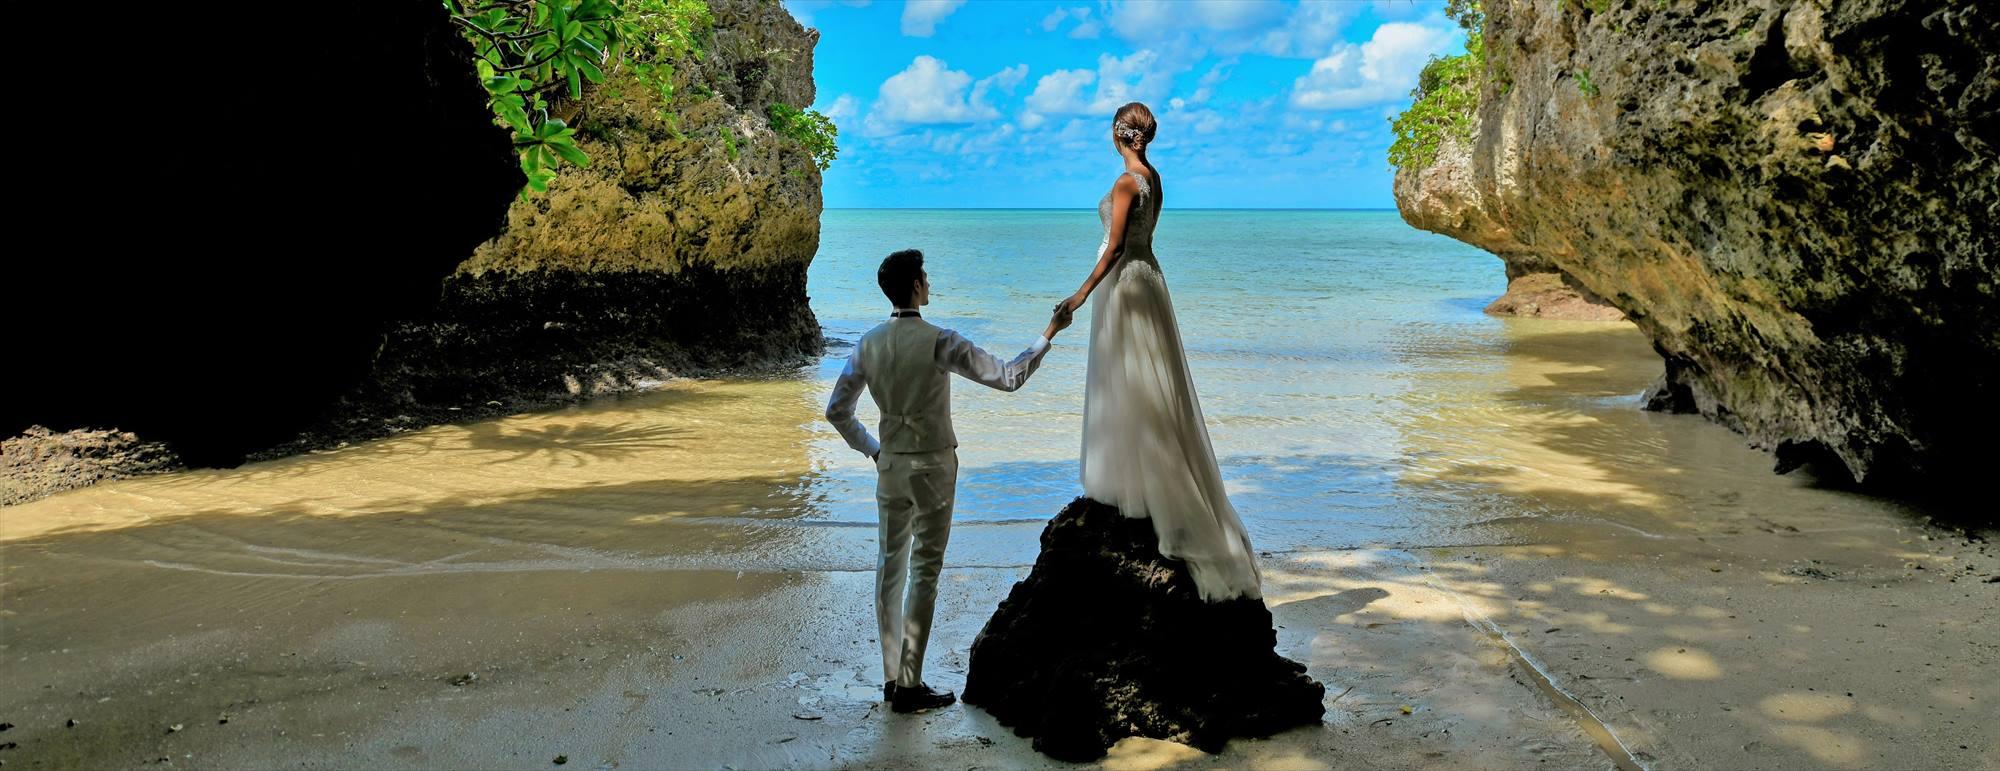 沖縄石垣島フォト・ウェディング Ishigaki Island Okinawa Sabishi Cave Photo Wedding サビチ鍾乳洞 挙式前撮影